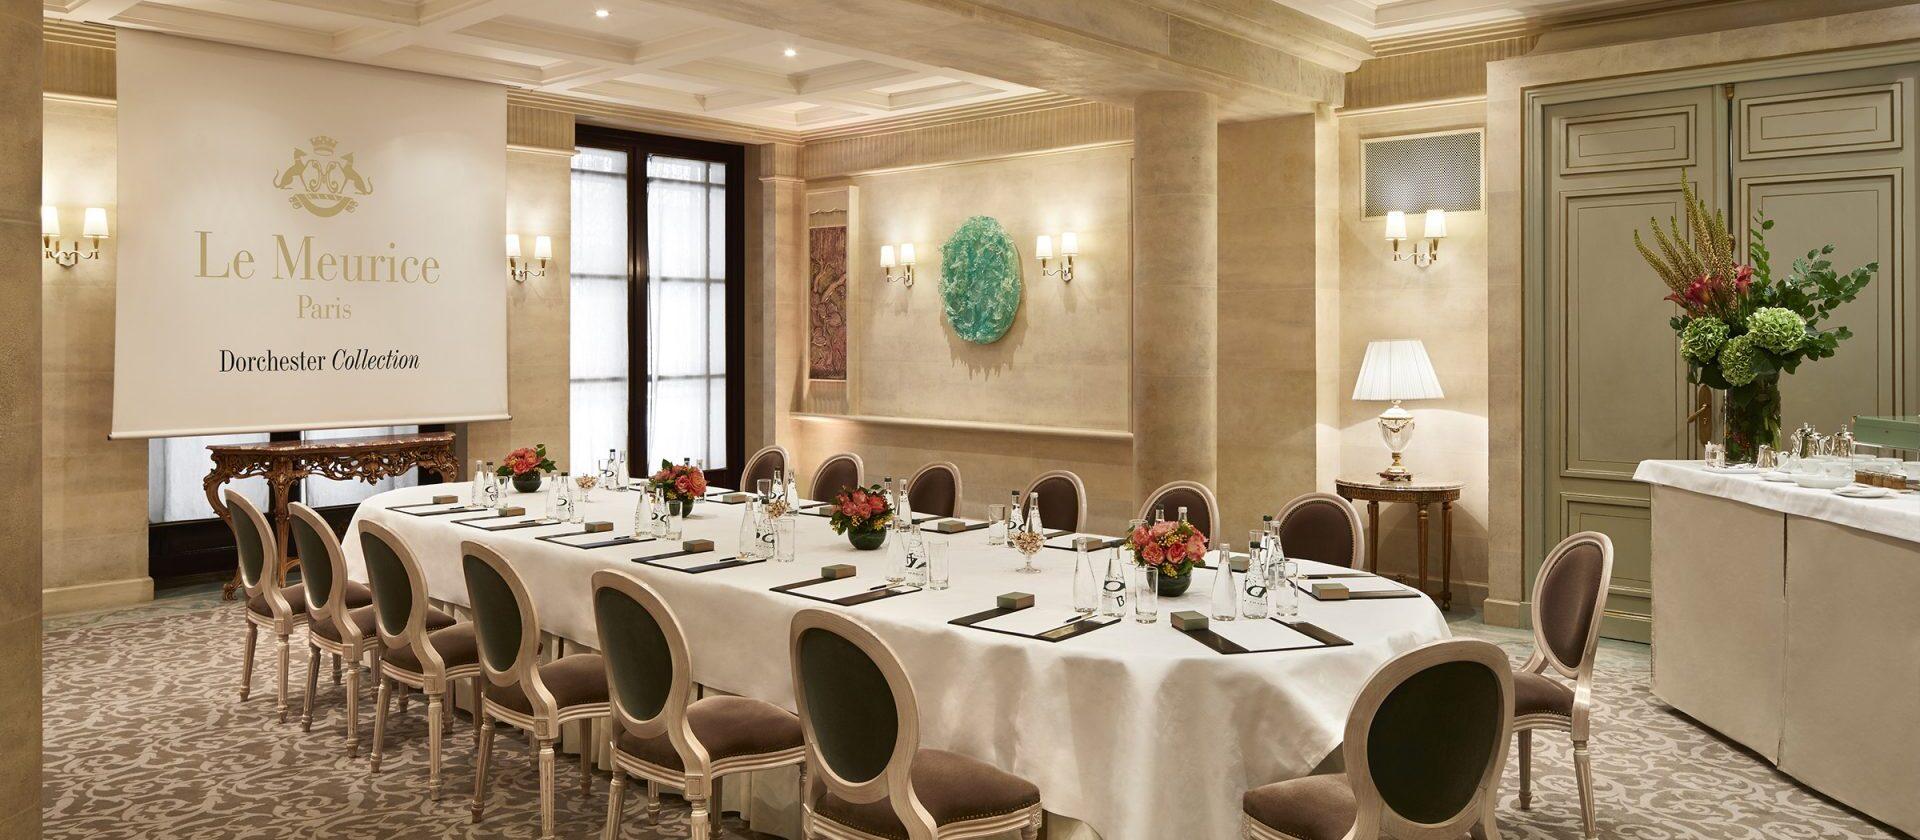 Salons de réception - Paris - Le Meurice | Dorchester Collection